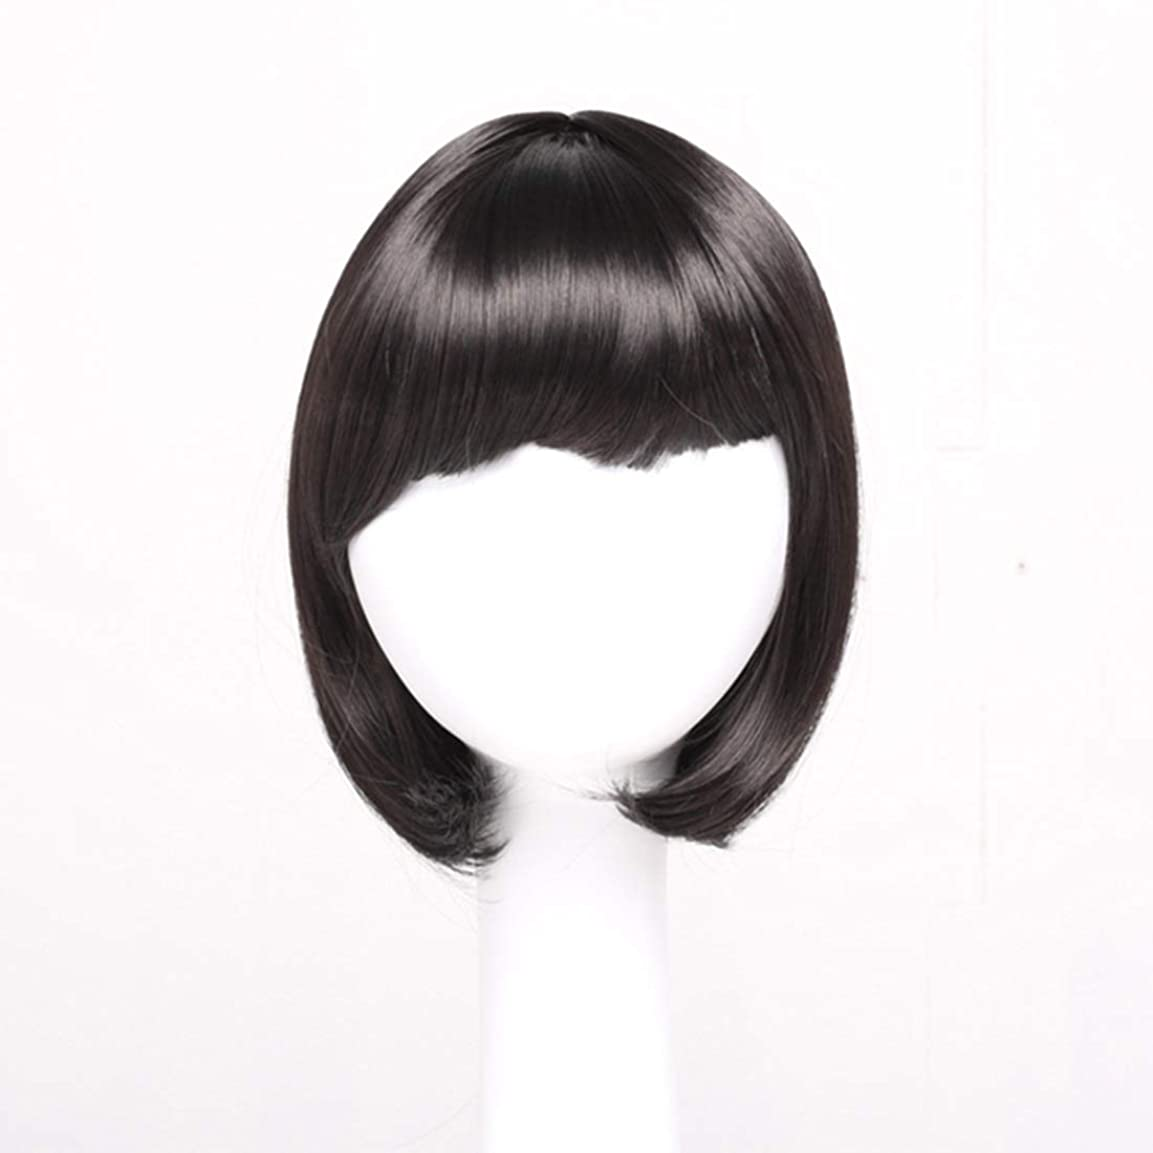 きれいに増加する単独でSummerys レディースブラックショートストレートヘアー前髪付き前髪ウェーブヘッドかつらセットヘッドギア (Color : Navy brown)